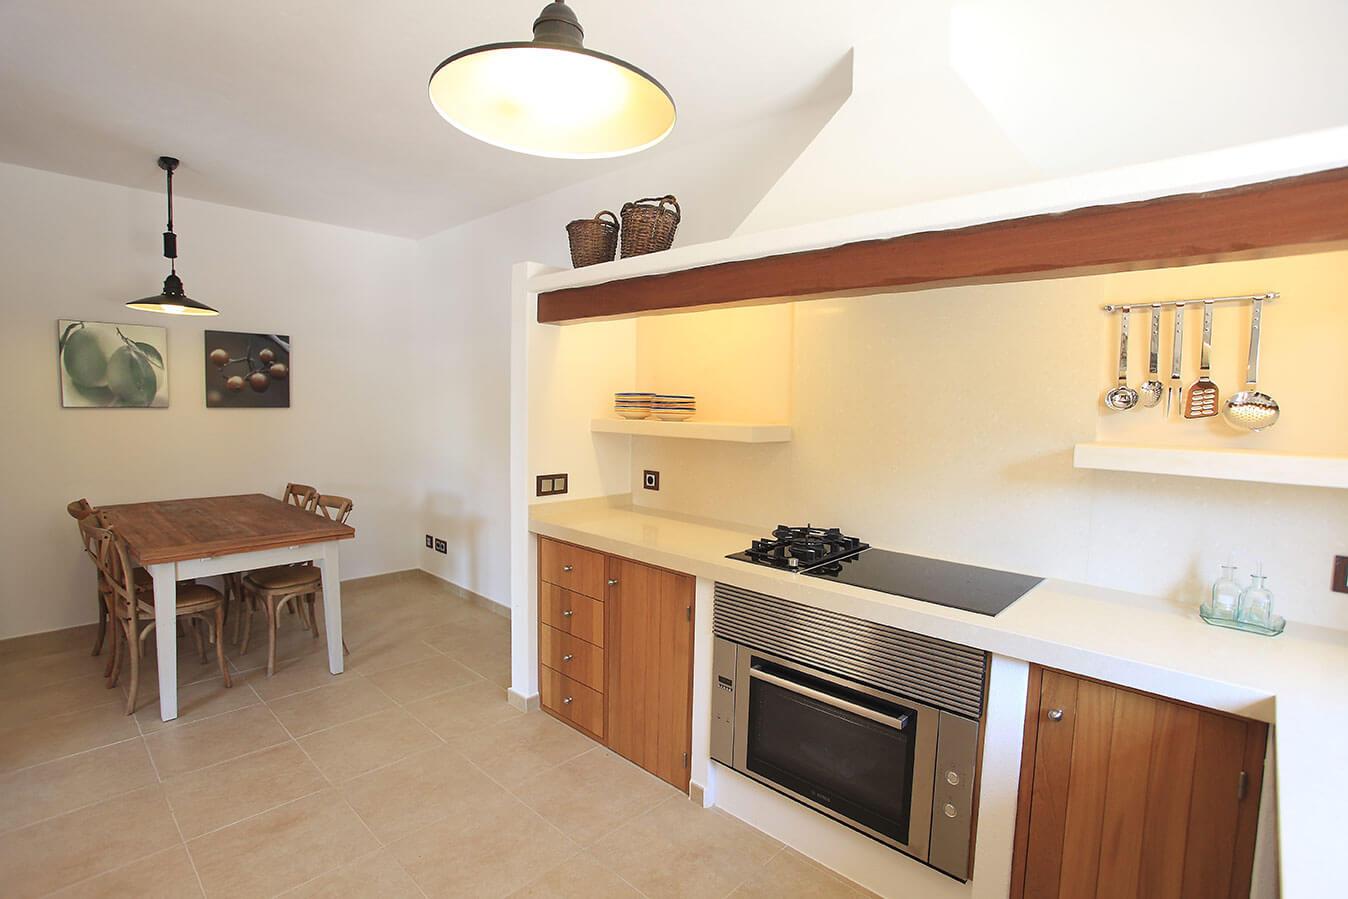 Cocina en Villa Cardona. Alojamientos turísticos Cardona en Formentera. Casa rural con jardín y piscina